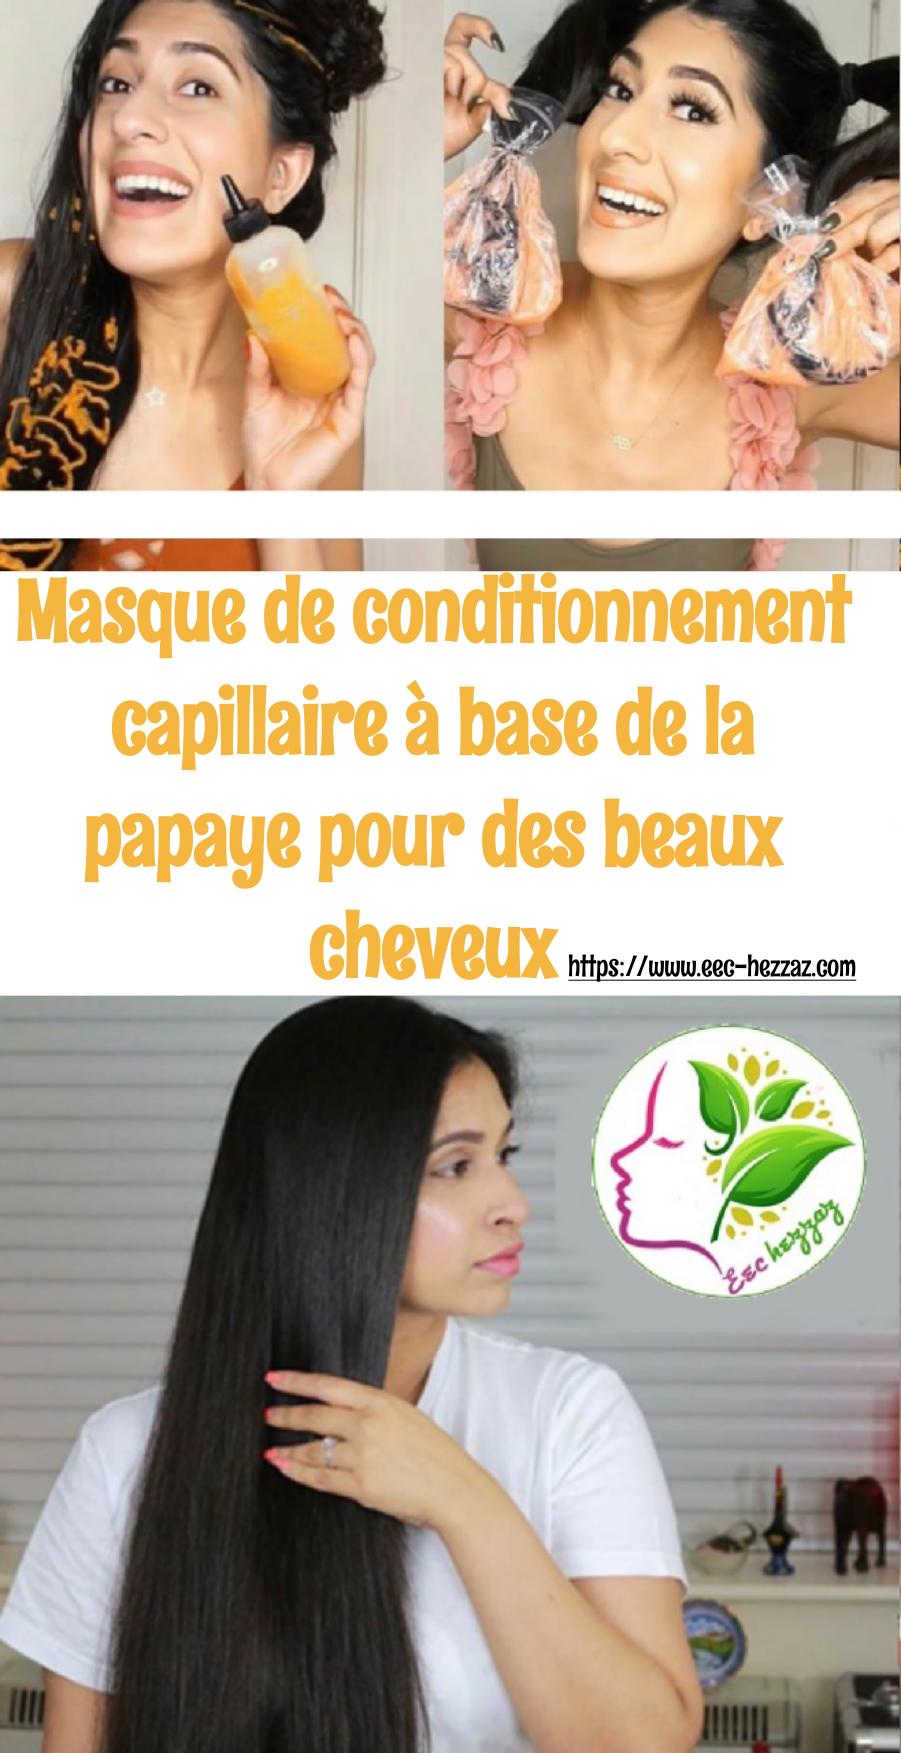 Masque de conditionnement capillaire à base de la papaye pour des beaux cheveux